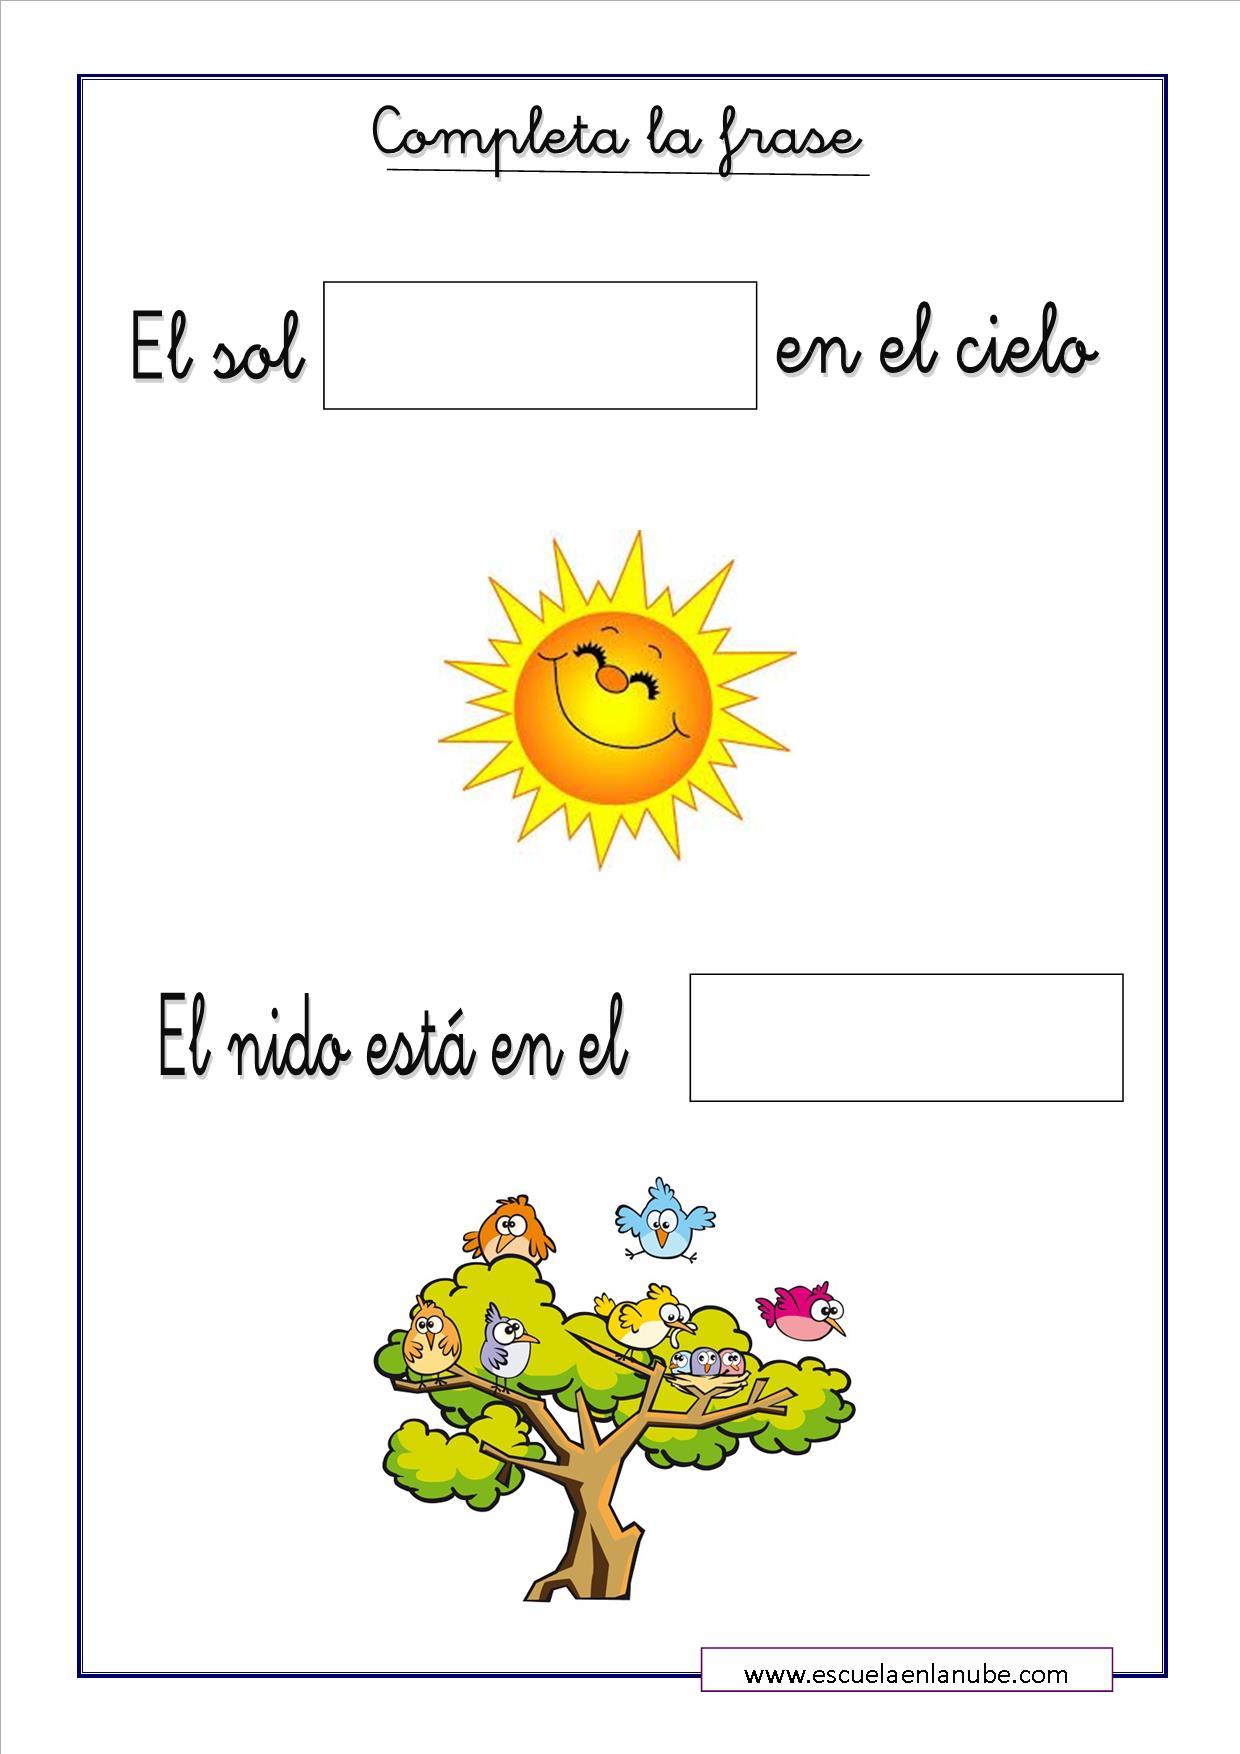 Fichas de lengua para primaria. Coloca y completa la frase